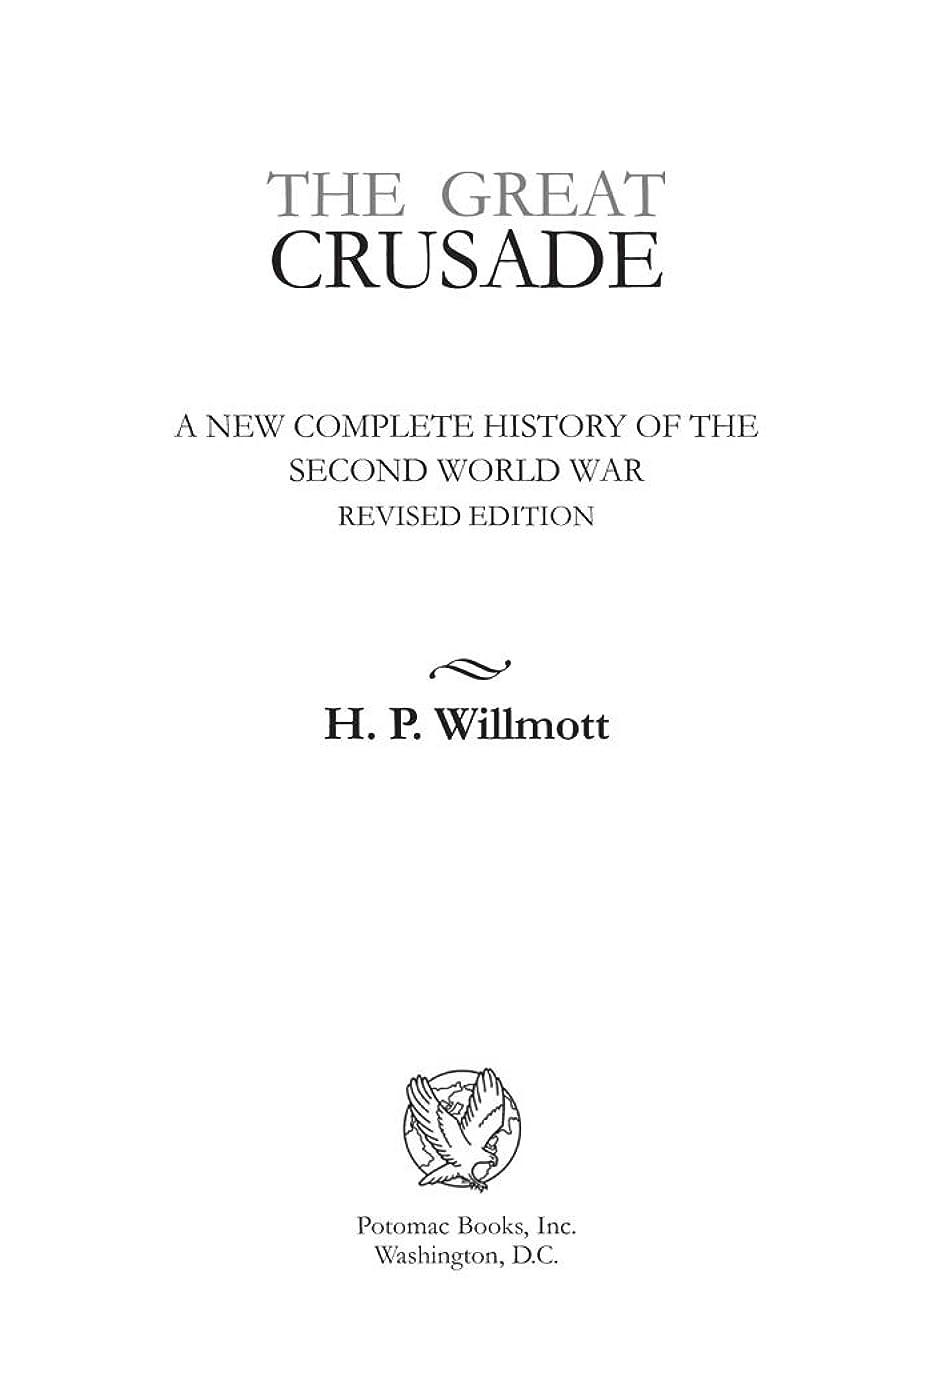 カスケードローブ間違いなくThe Great Crusade: A New Complete History of the Second World War, Revised Edition (English Edition)